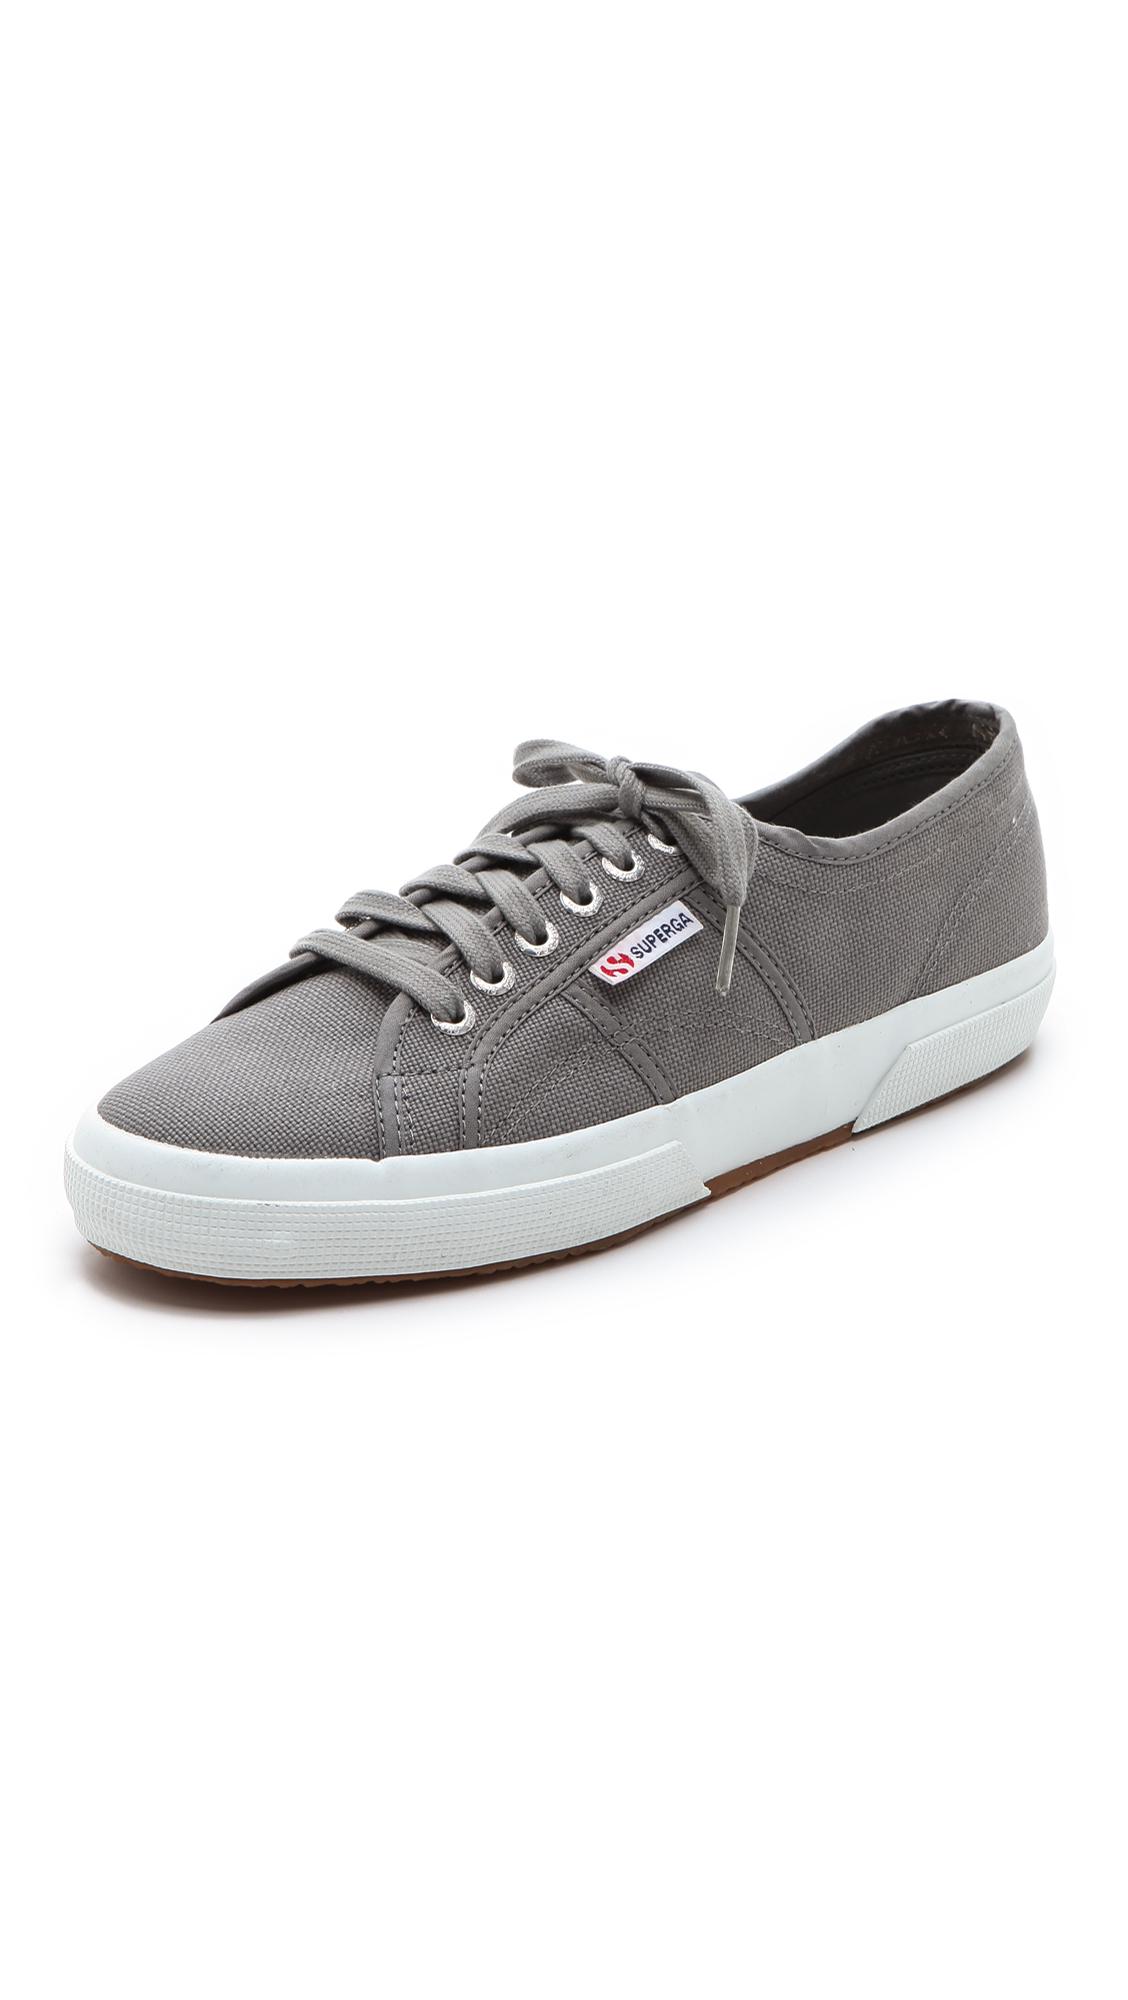 Superga: Superga 2750 Cotu Classic Sneakers In Gray For Men (Grey